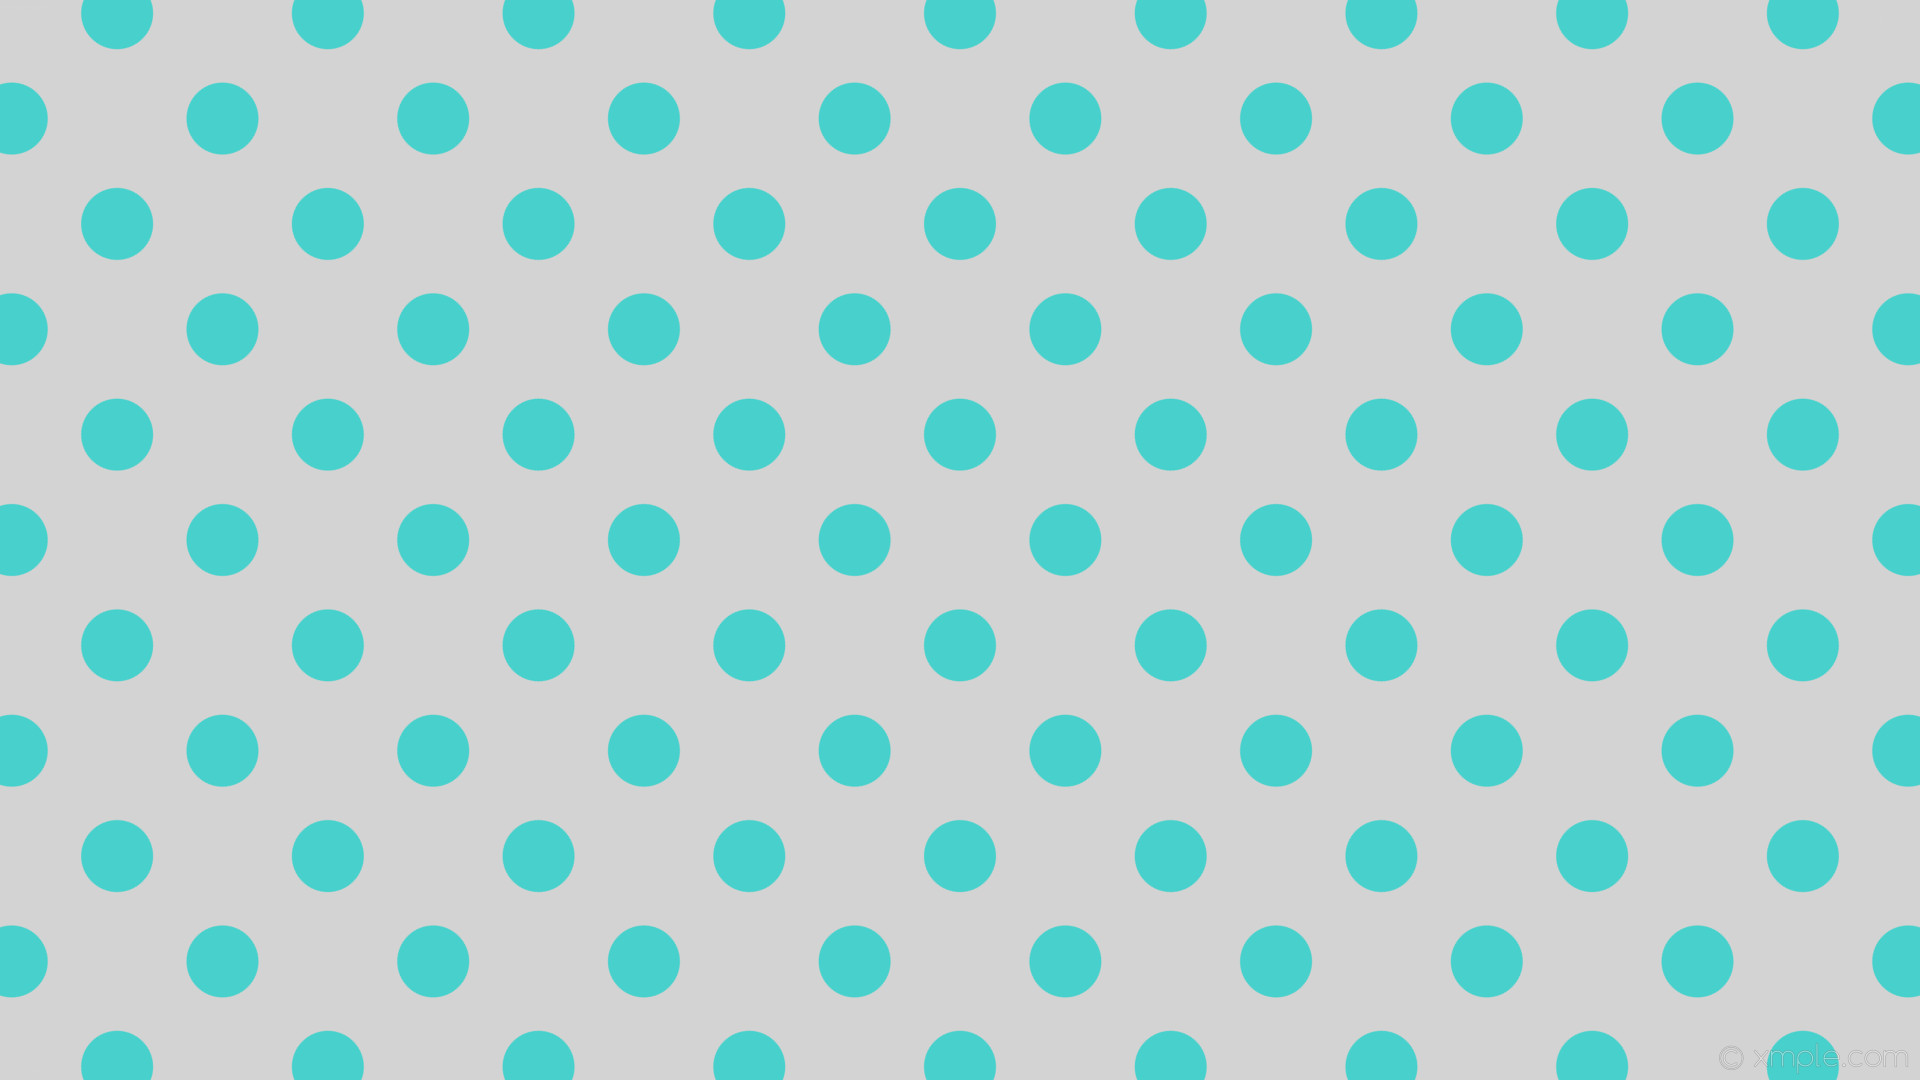 wallpaper grey spots dots polka blue light gray medium turquoise #d3d3d3  #48d1cc 45°